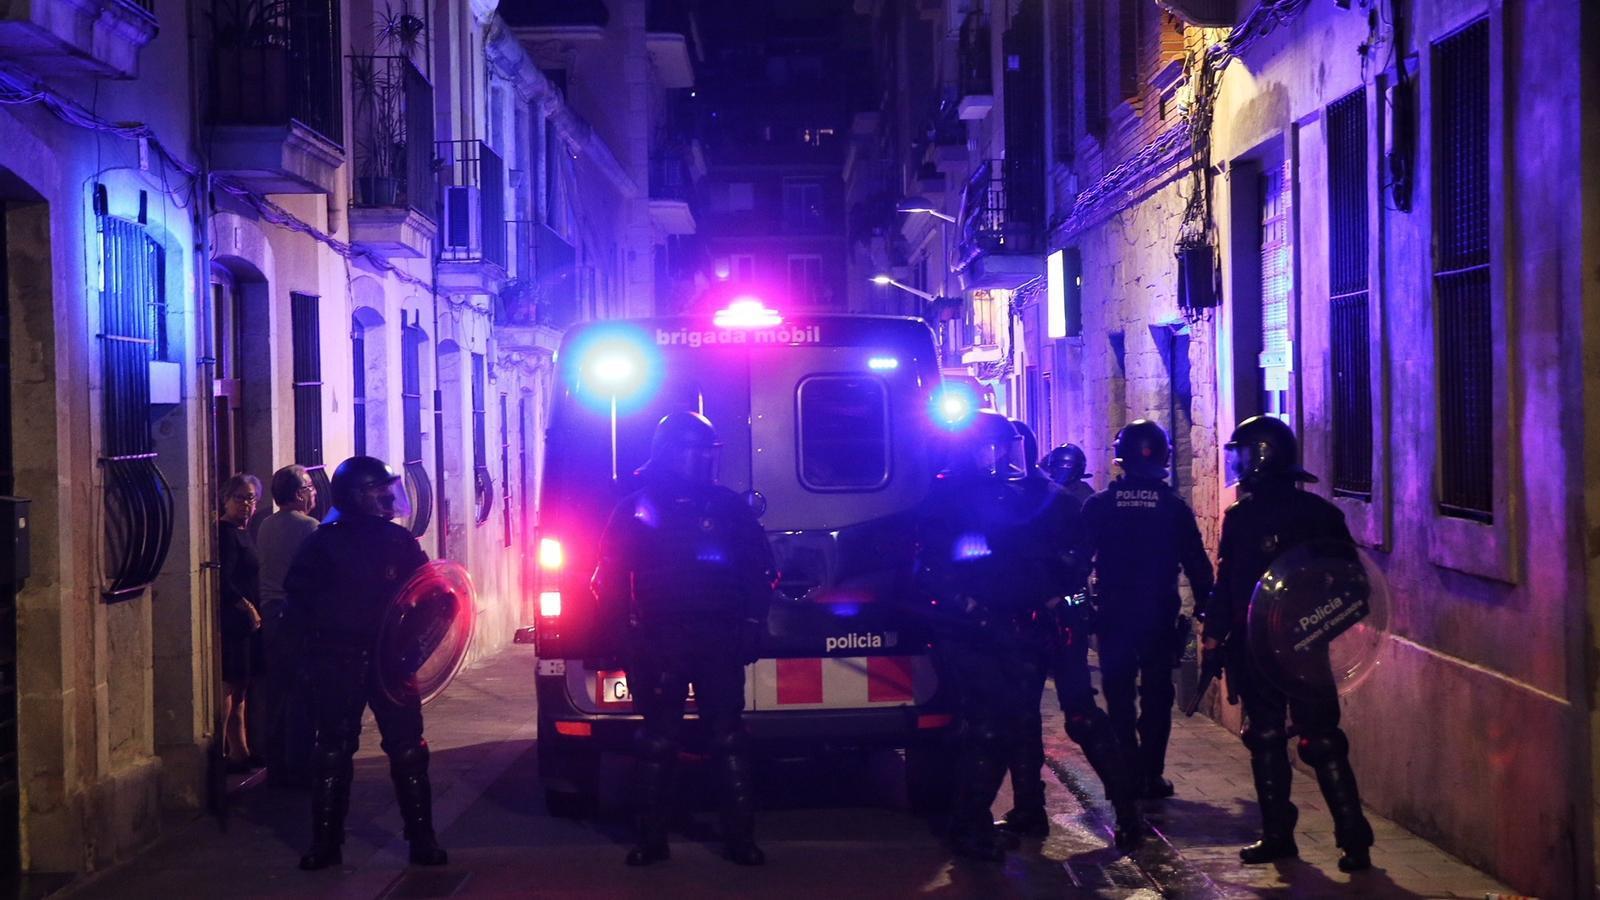 Els Mossos han detingut una persona i n'han denunciat dues més / PERE VIRGILI